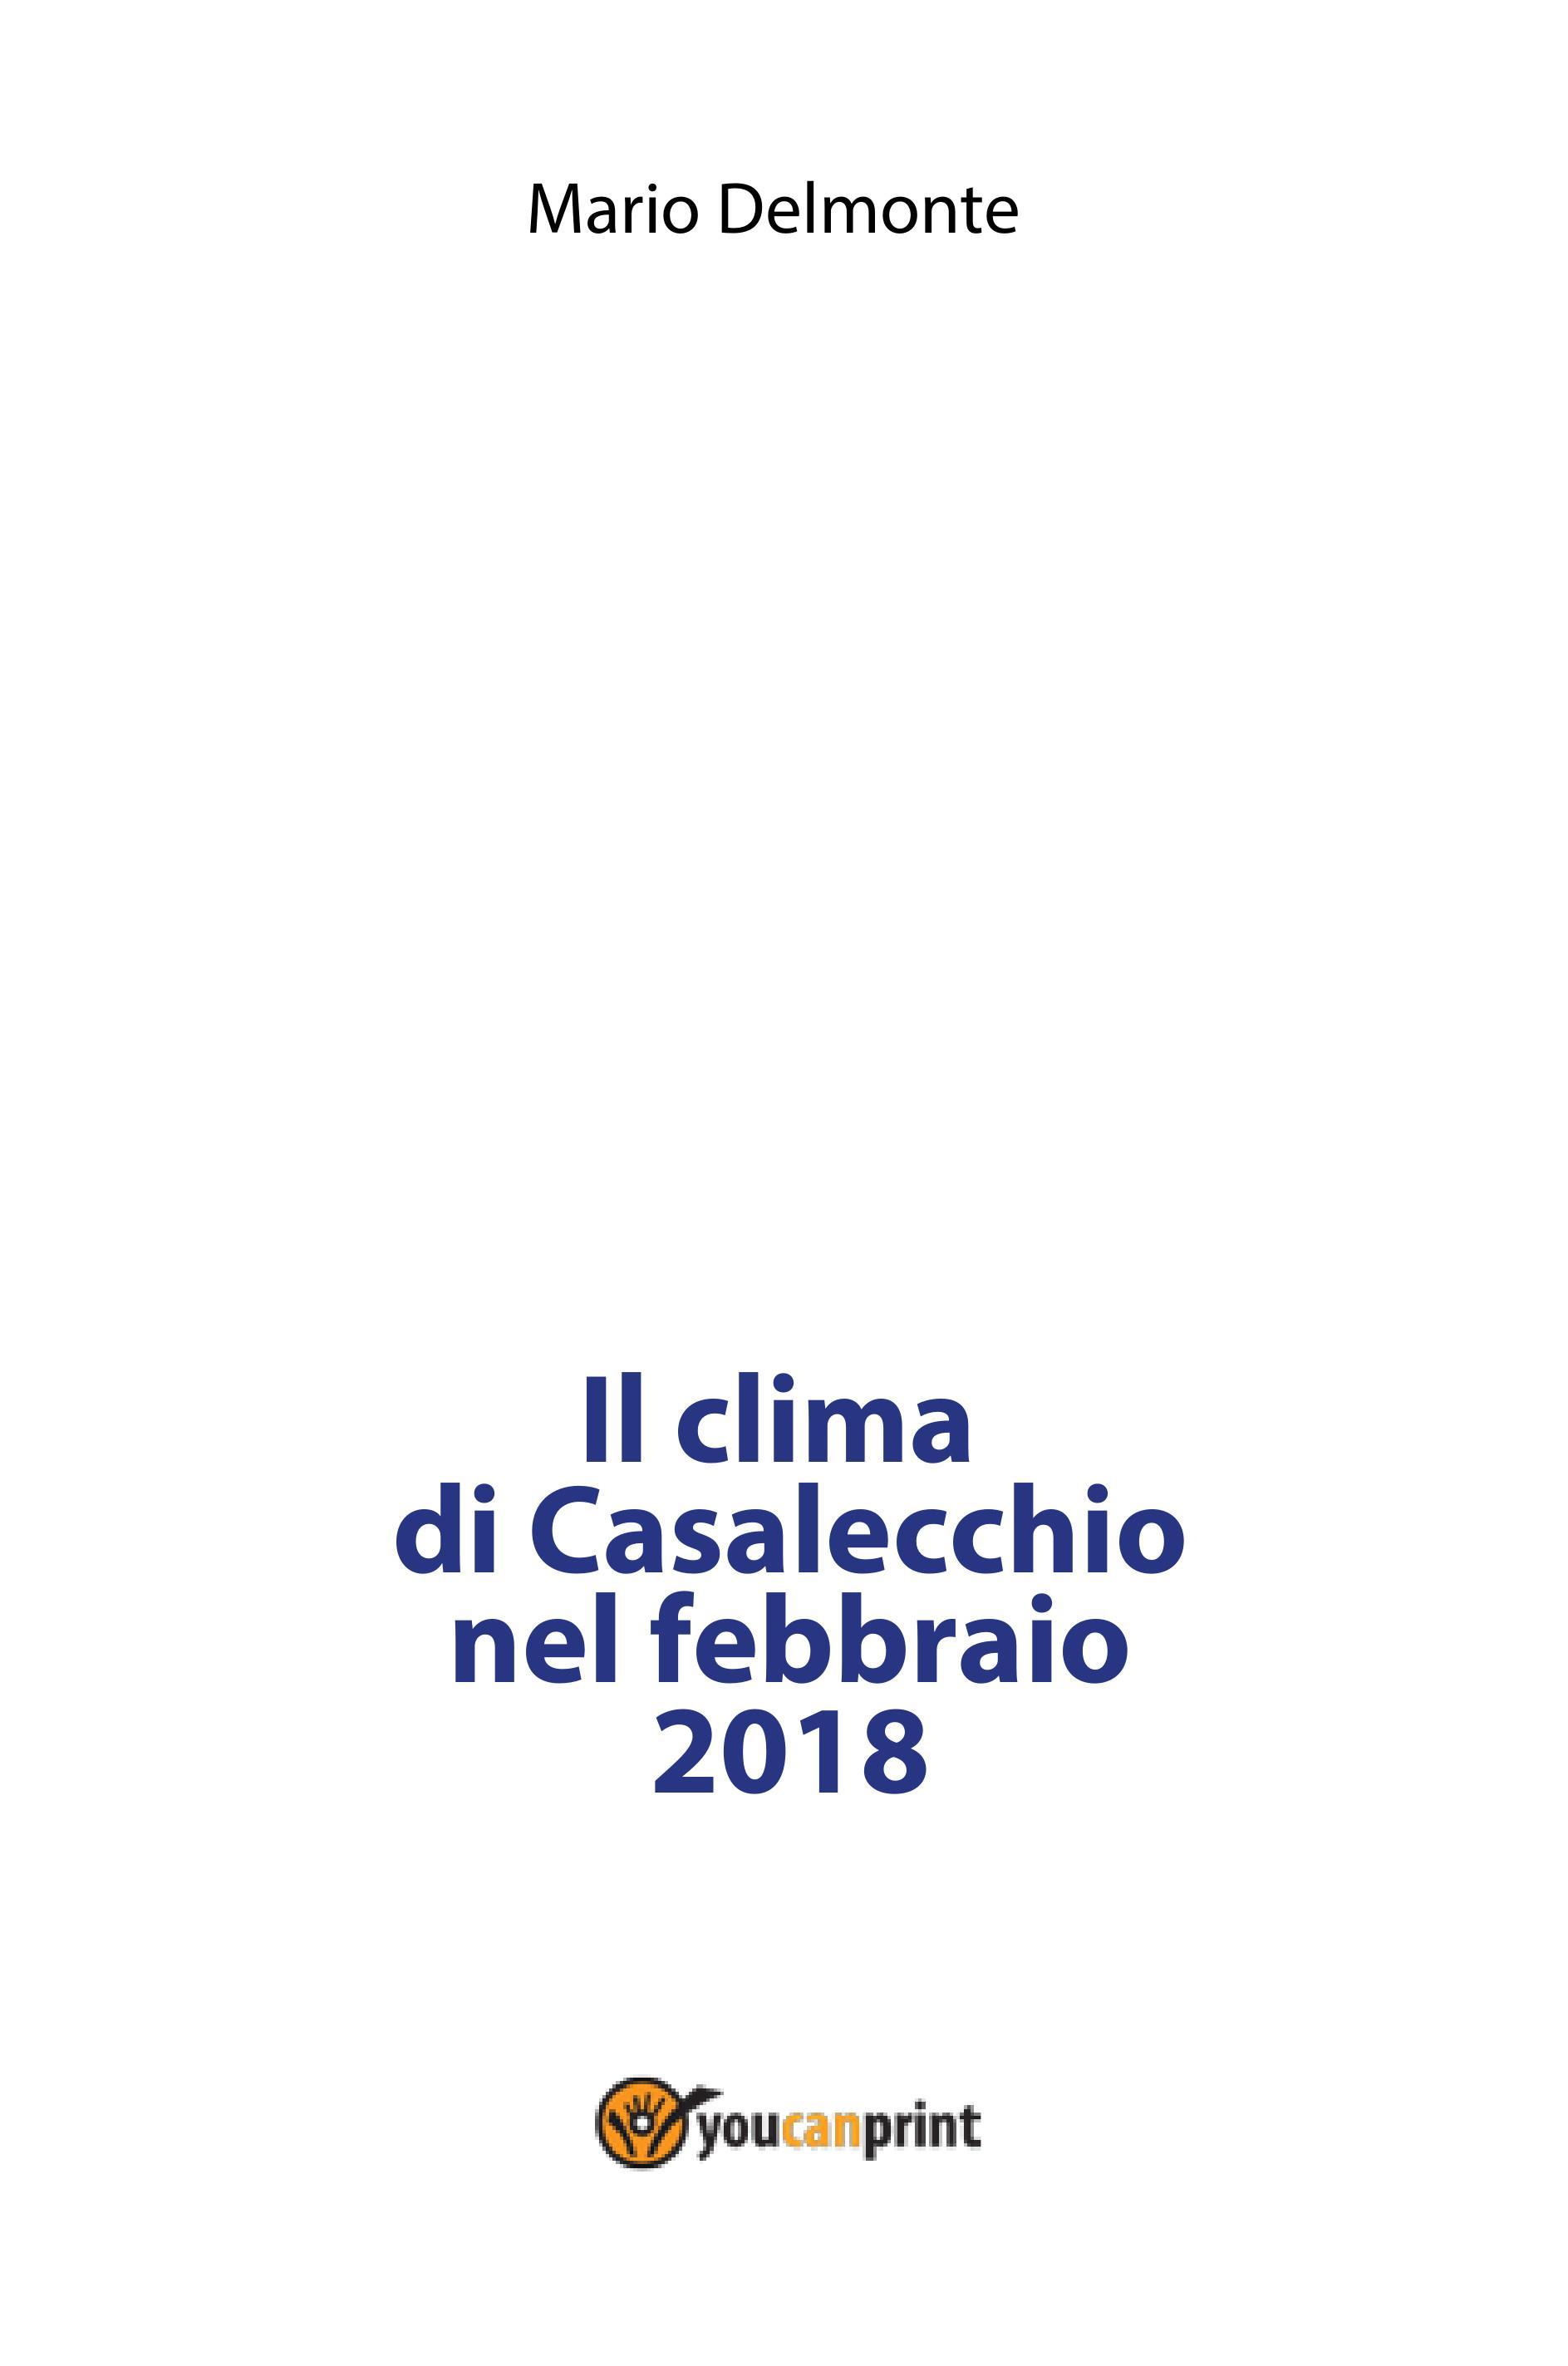 Il clima di Casalecchio nel febbraio 2018